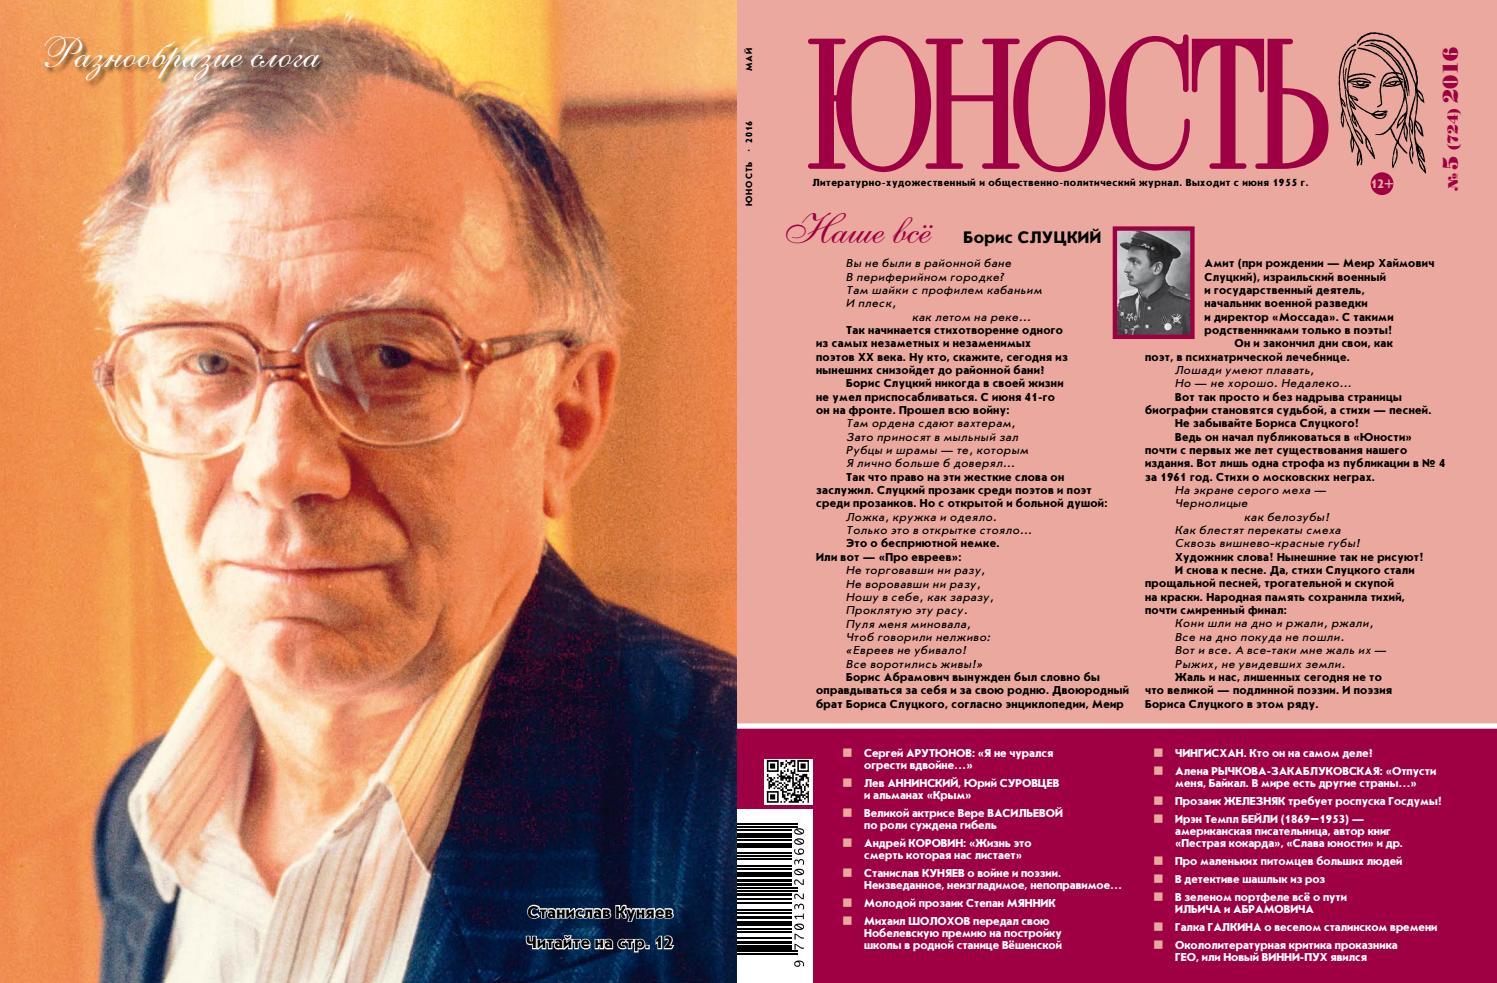 Влади Каста  Ясно альбом  скачать бесплатно mp3